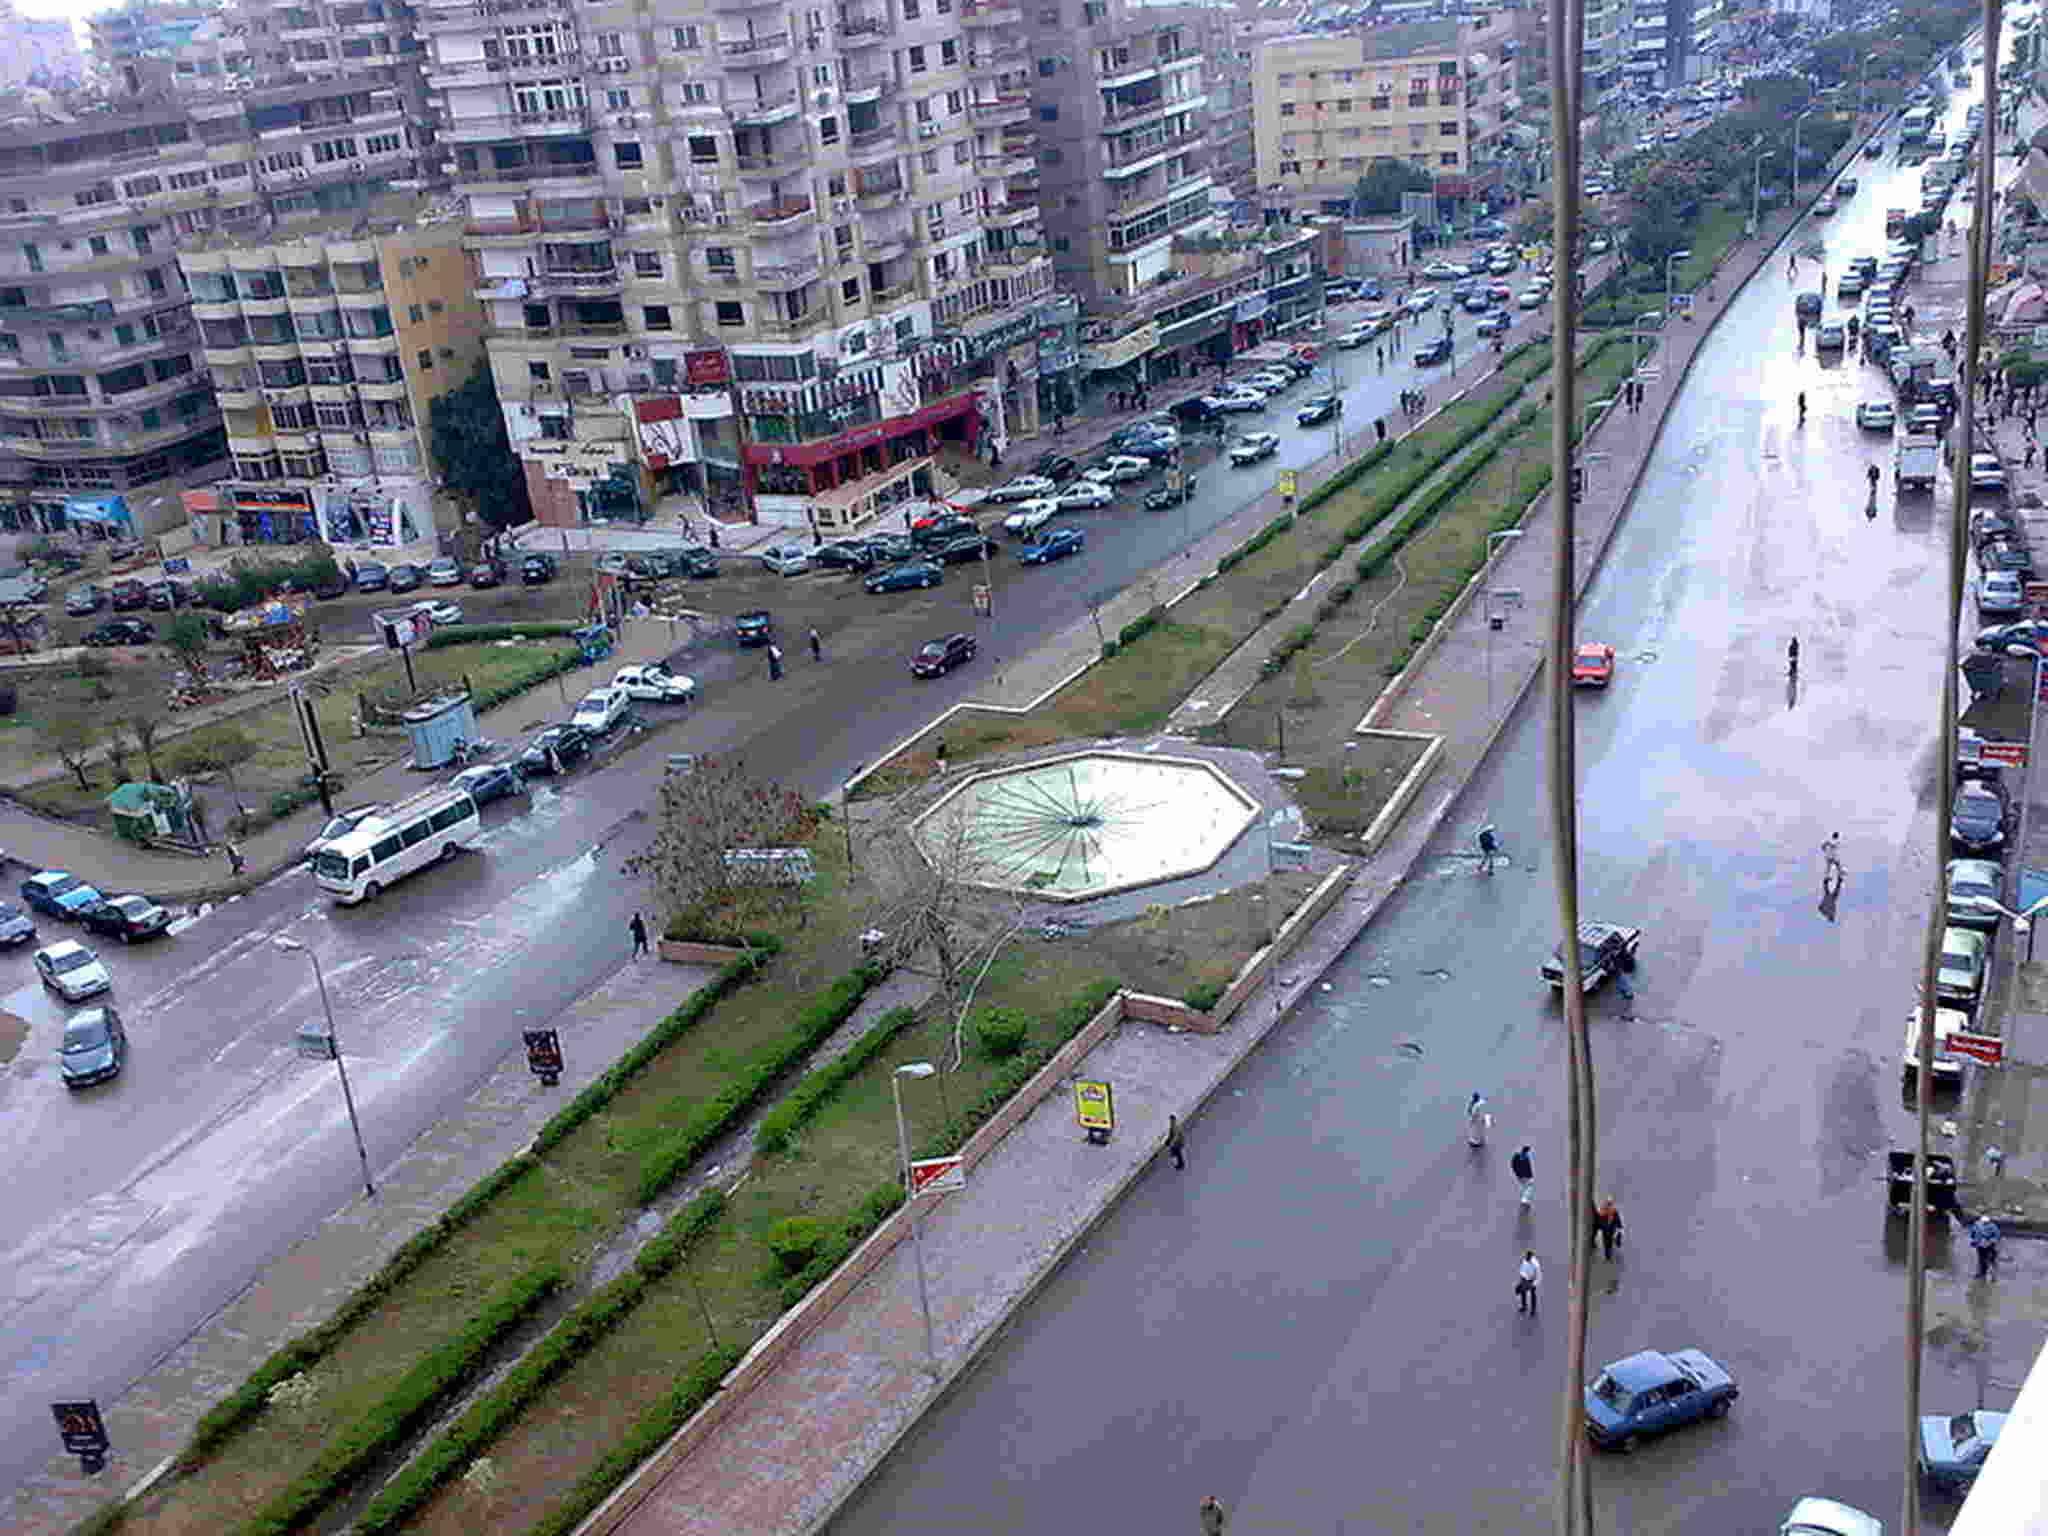 دليلك إلى أهم الخدمات في مدينة نصر - شارع عباس العقاد